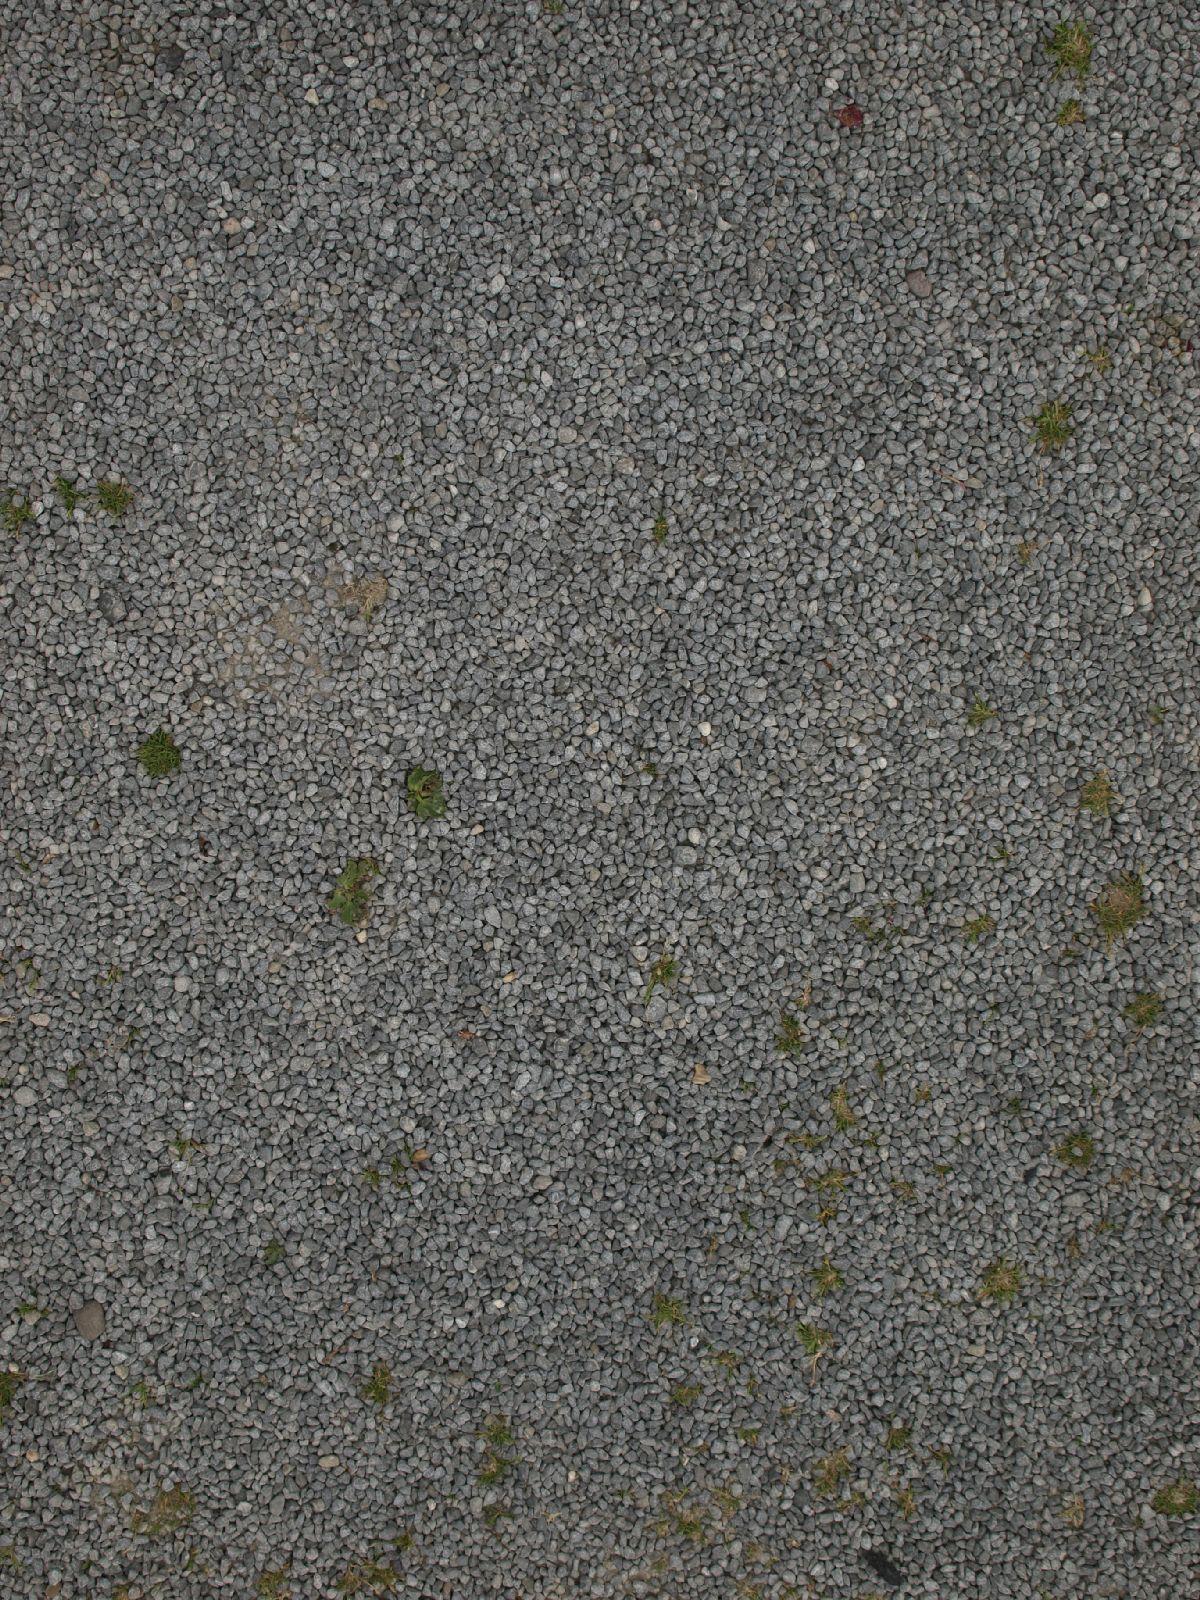 Ground-Urban_Texture_A_P5315435